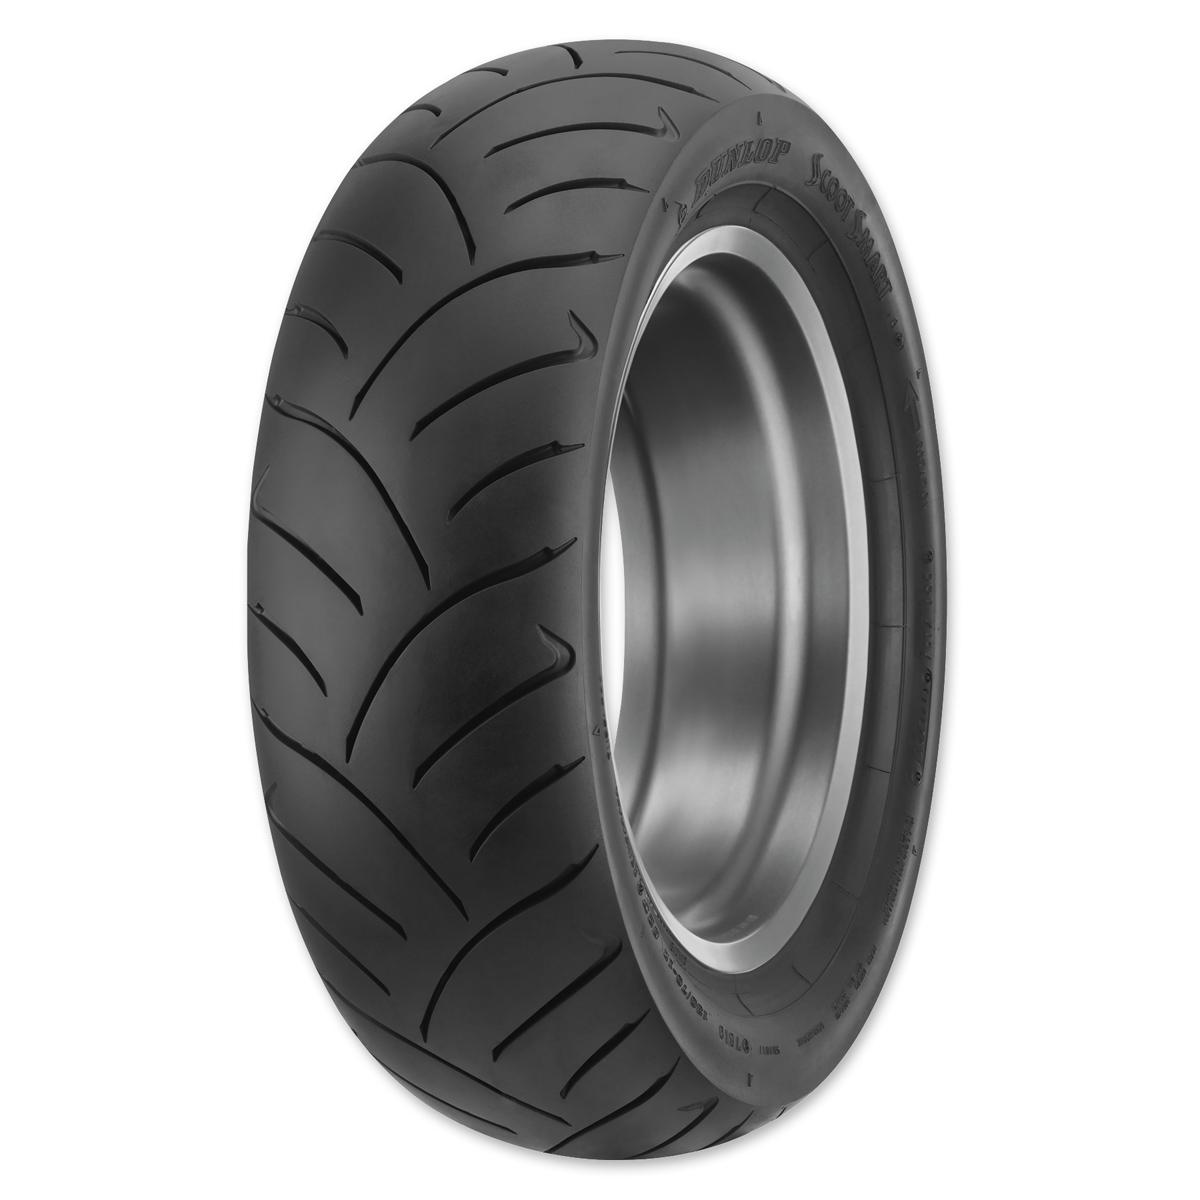 Dunlop Scootsmart 150/70-13 Rear Tire